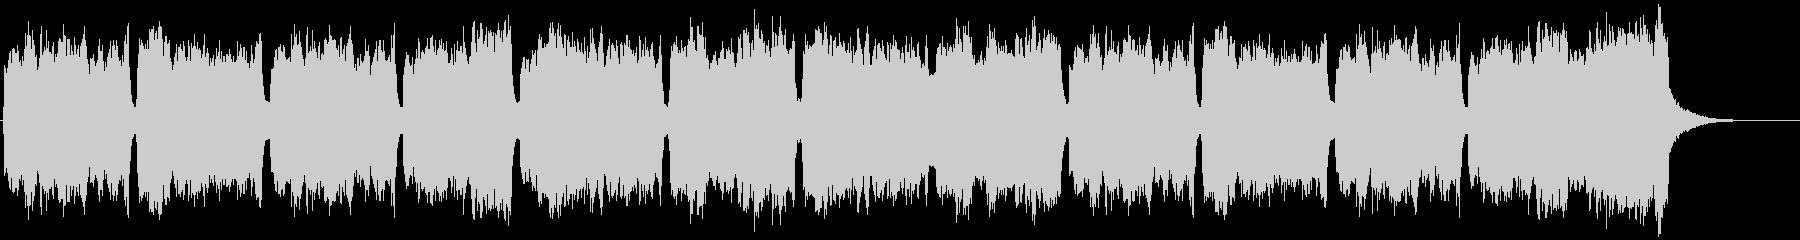 教会の聖歌イメージのパイプオルガン曲の未再生の波形